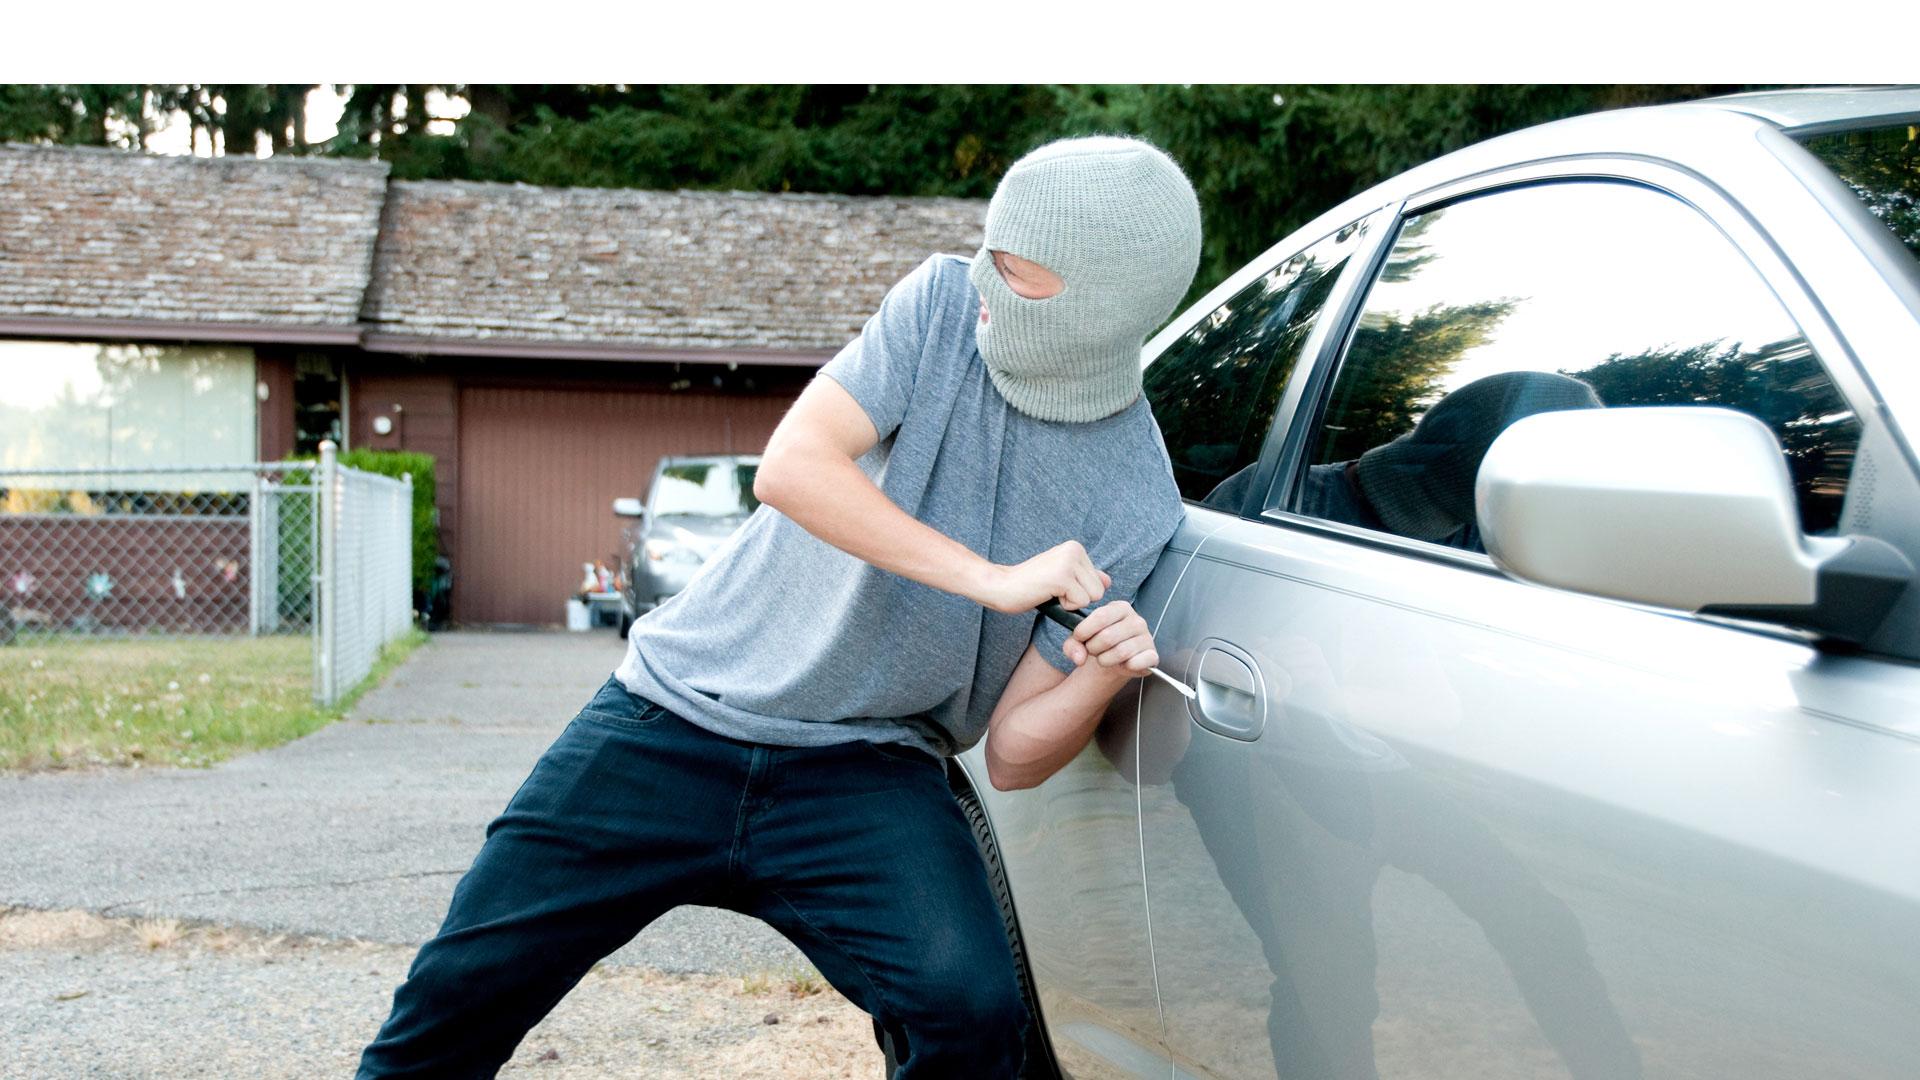 Basta con utilizar el mando cerca del vehículo y evitar así dar un margen innecesario a los ladrones activando la señal